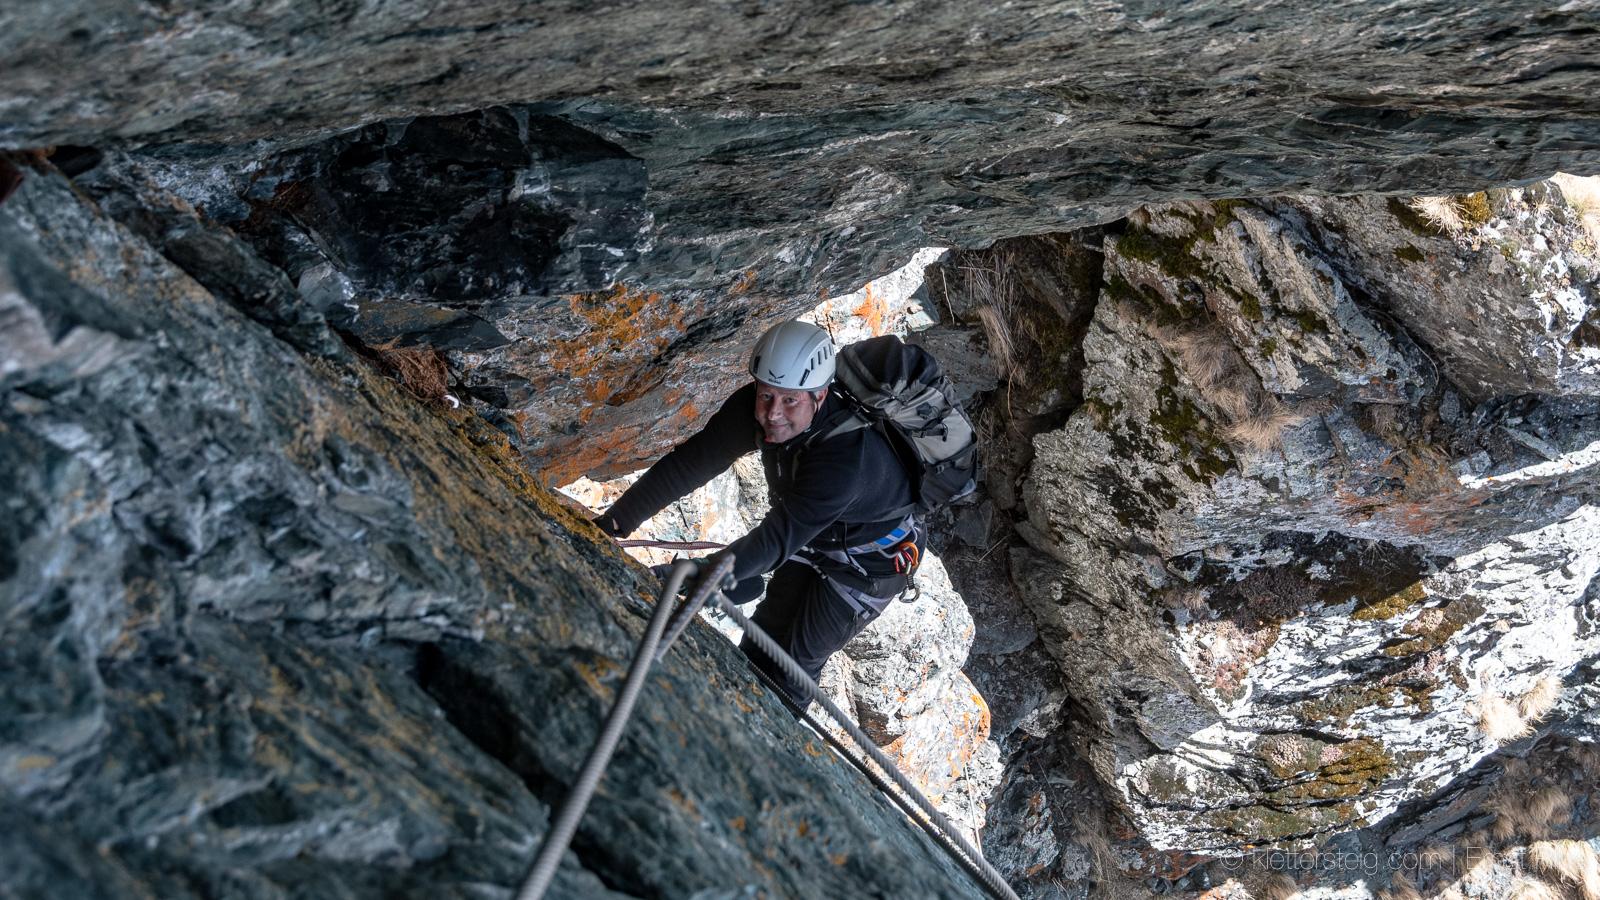 Klettersteig English : Klettersteigwochenende in mai juni camping anderwald